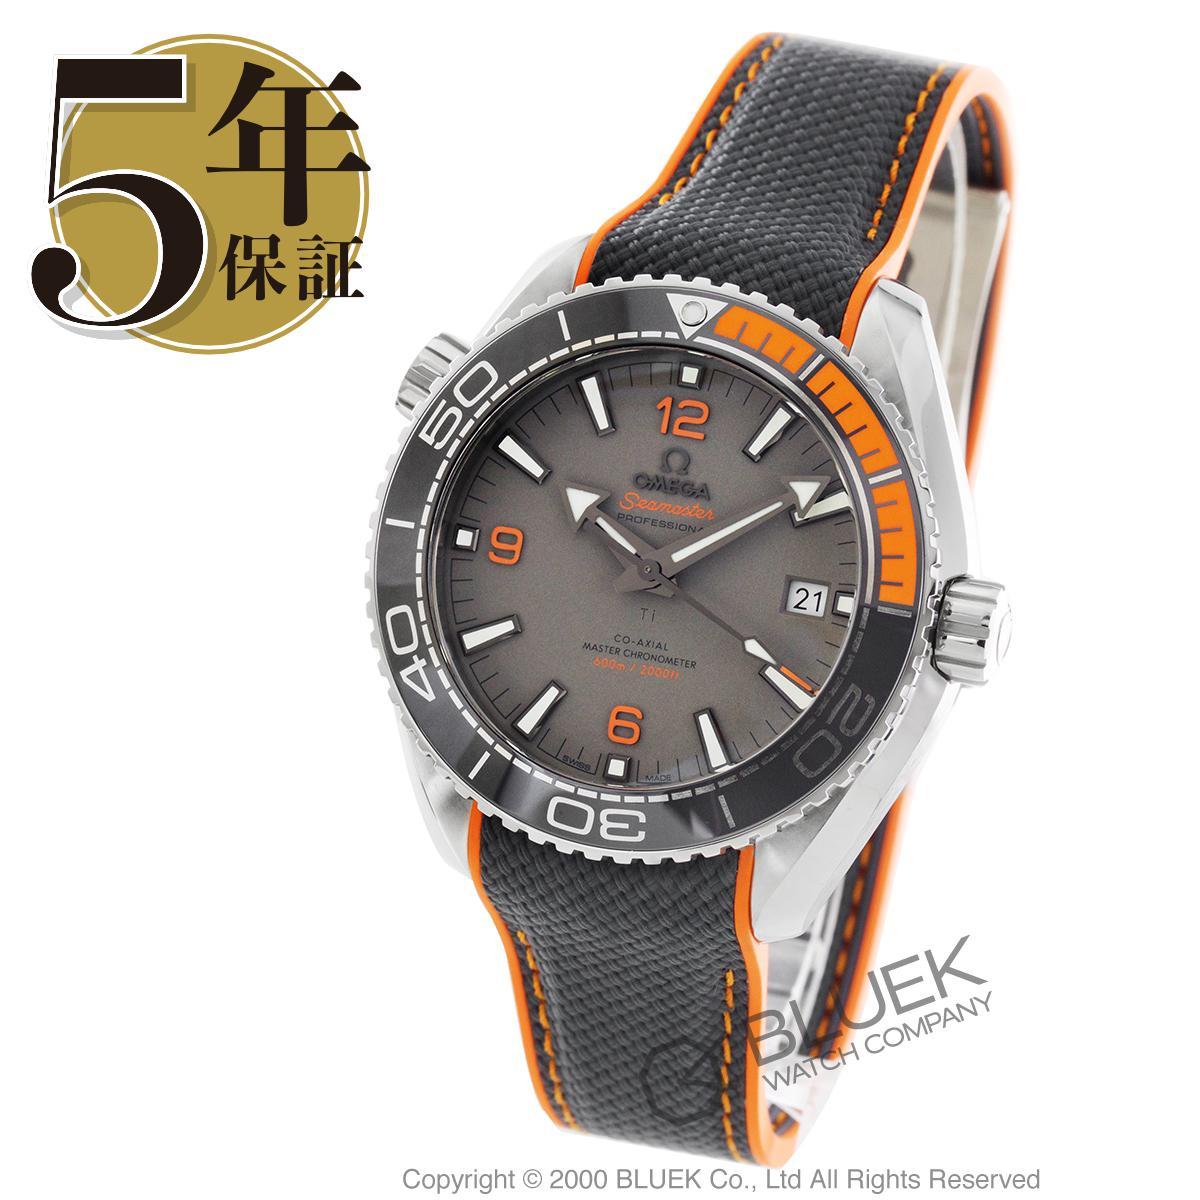 オメガ シーマスター プラネットオーシャン マスタークロノメーター 600m防水 腕時計 メンズ OMEGA 215.92.44.21.99.001_5